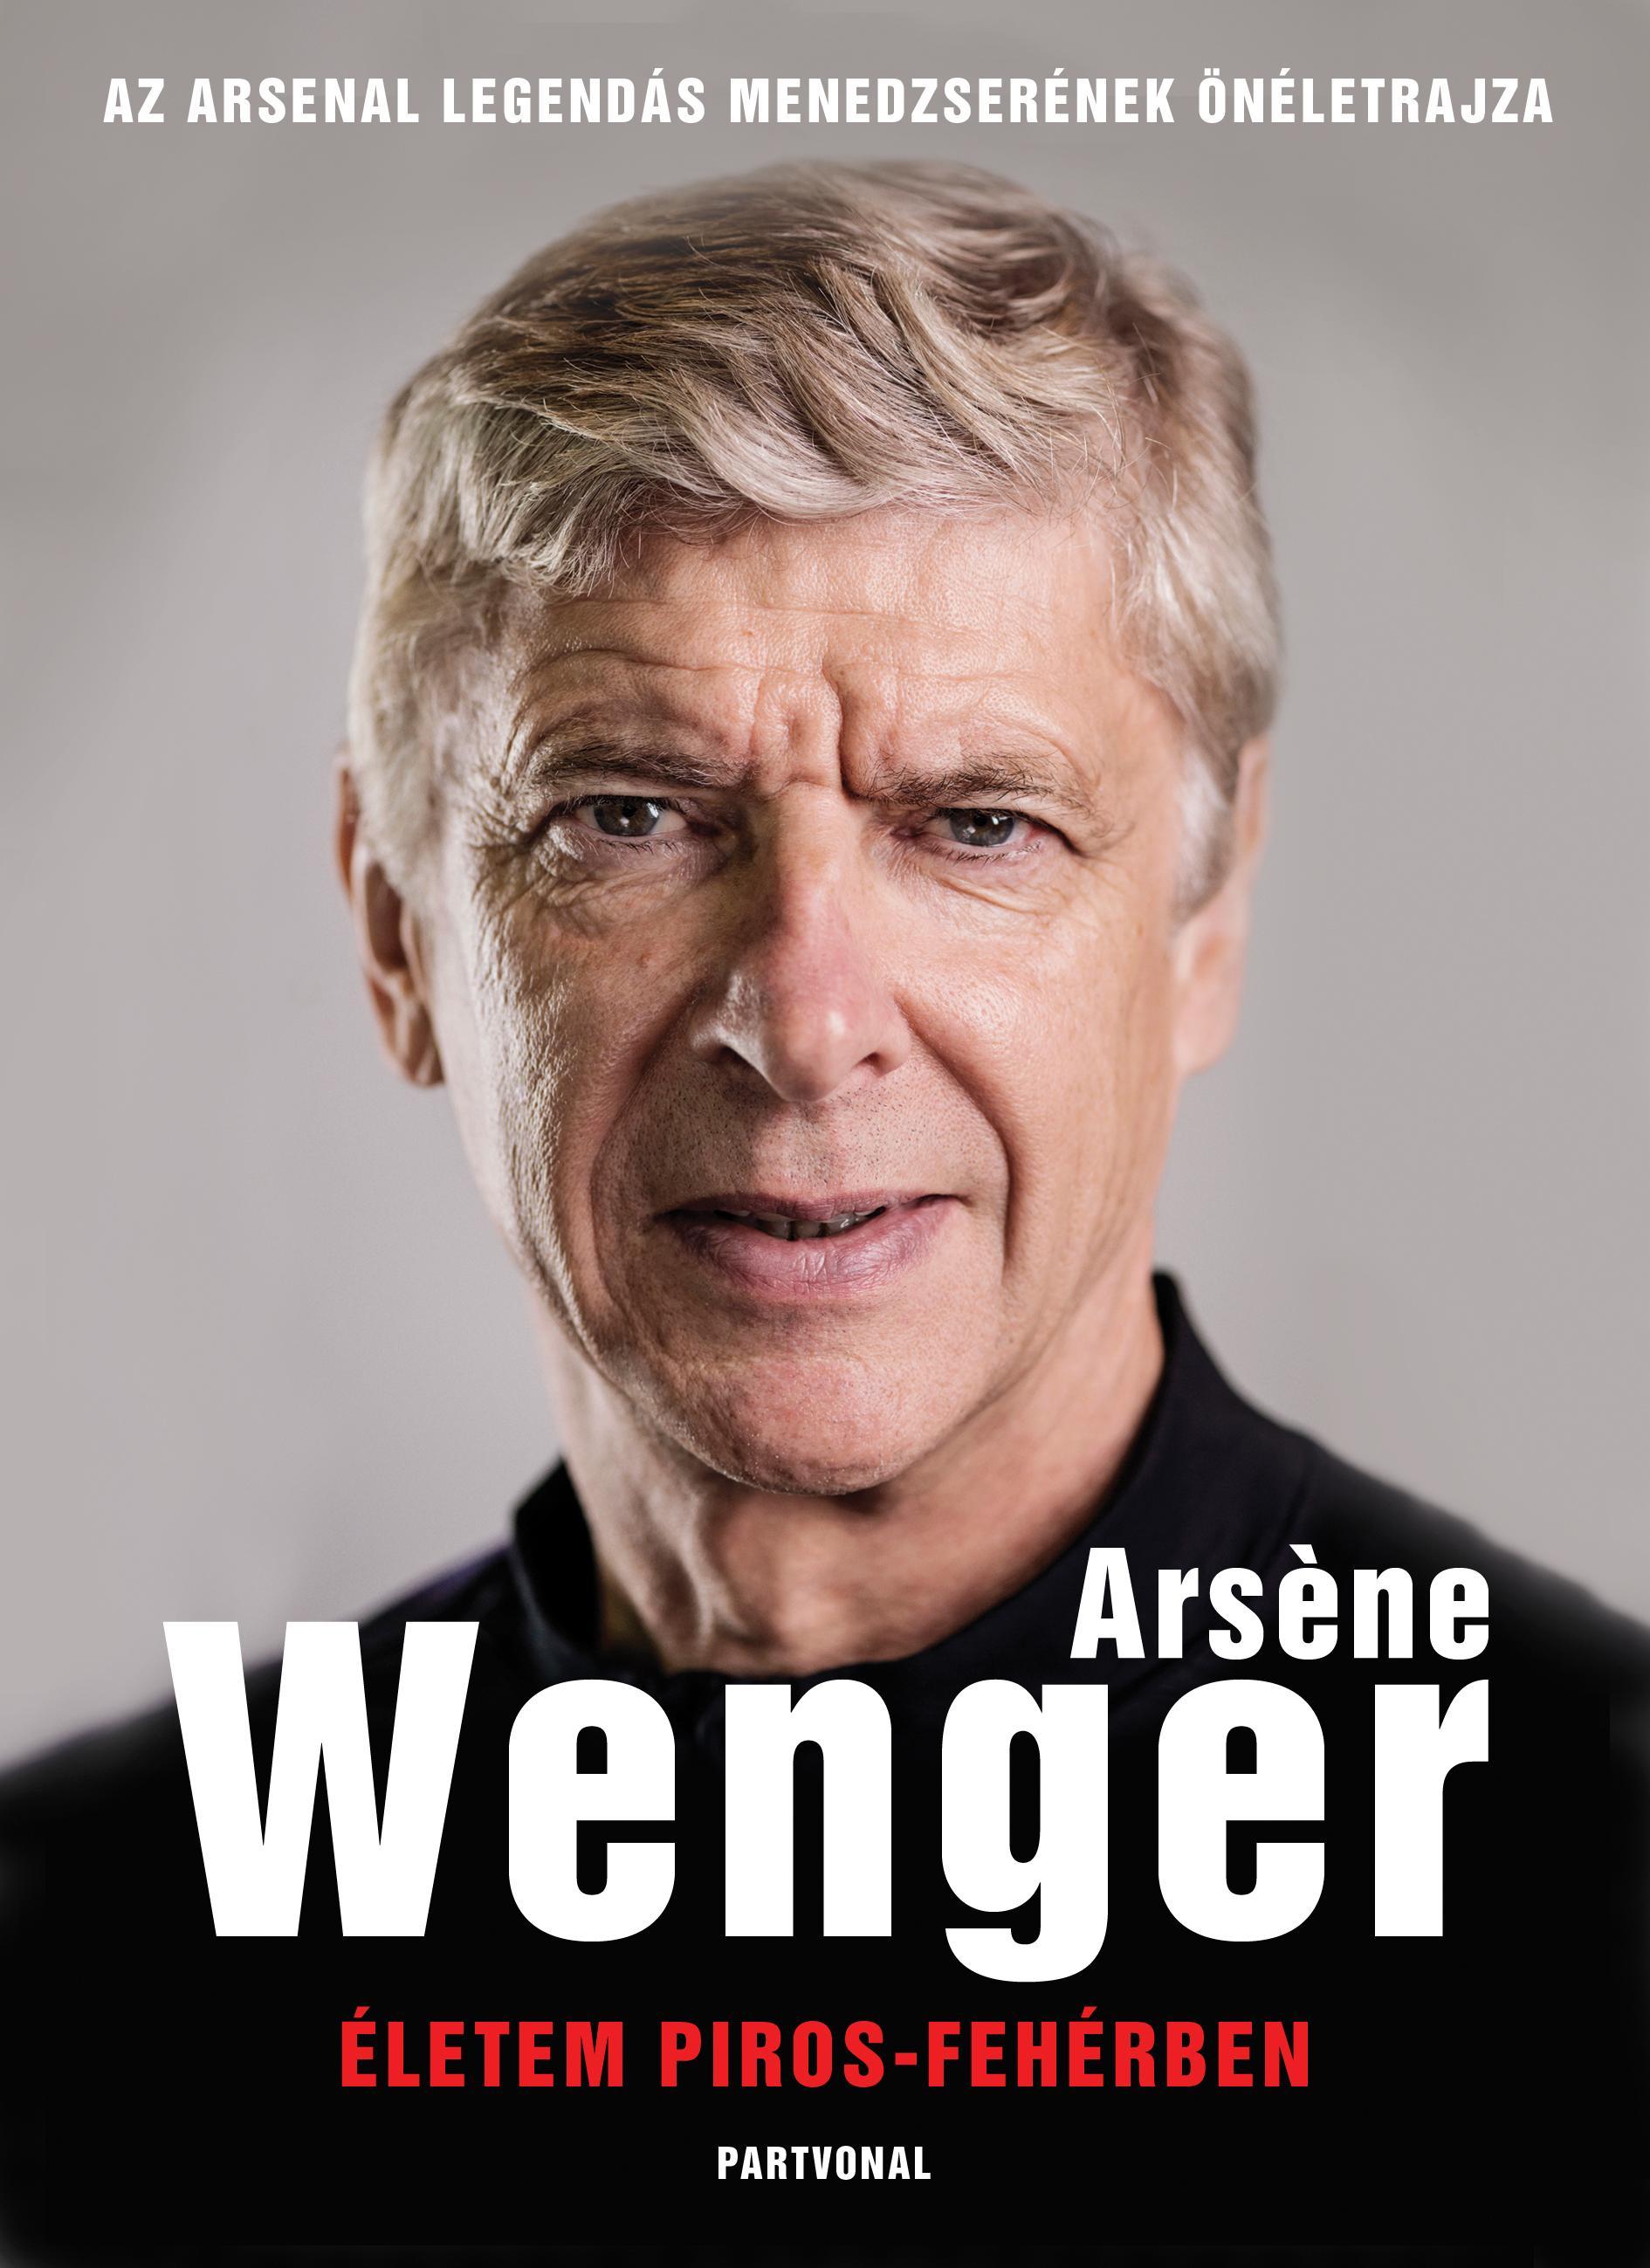 Arsene Wenger - Életem piros-fehérben - Az Arsenal legendás menedzserének életrajza